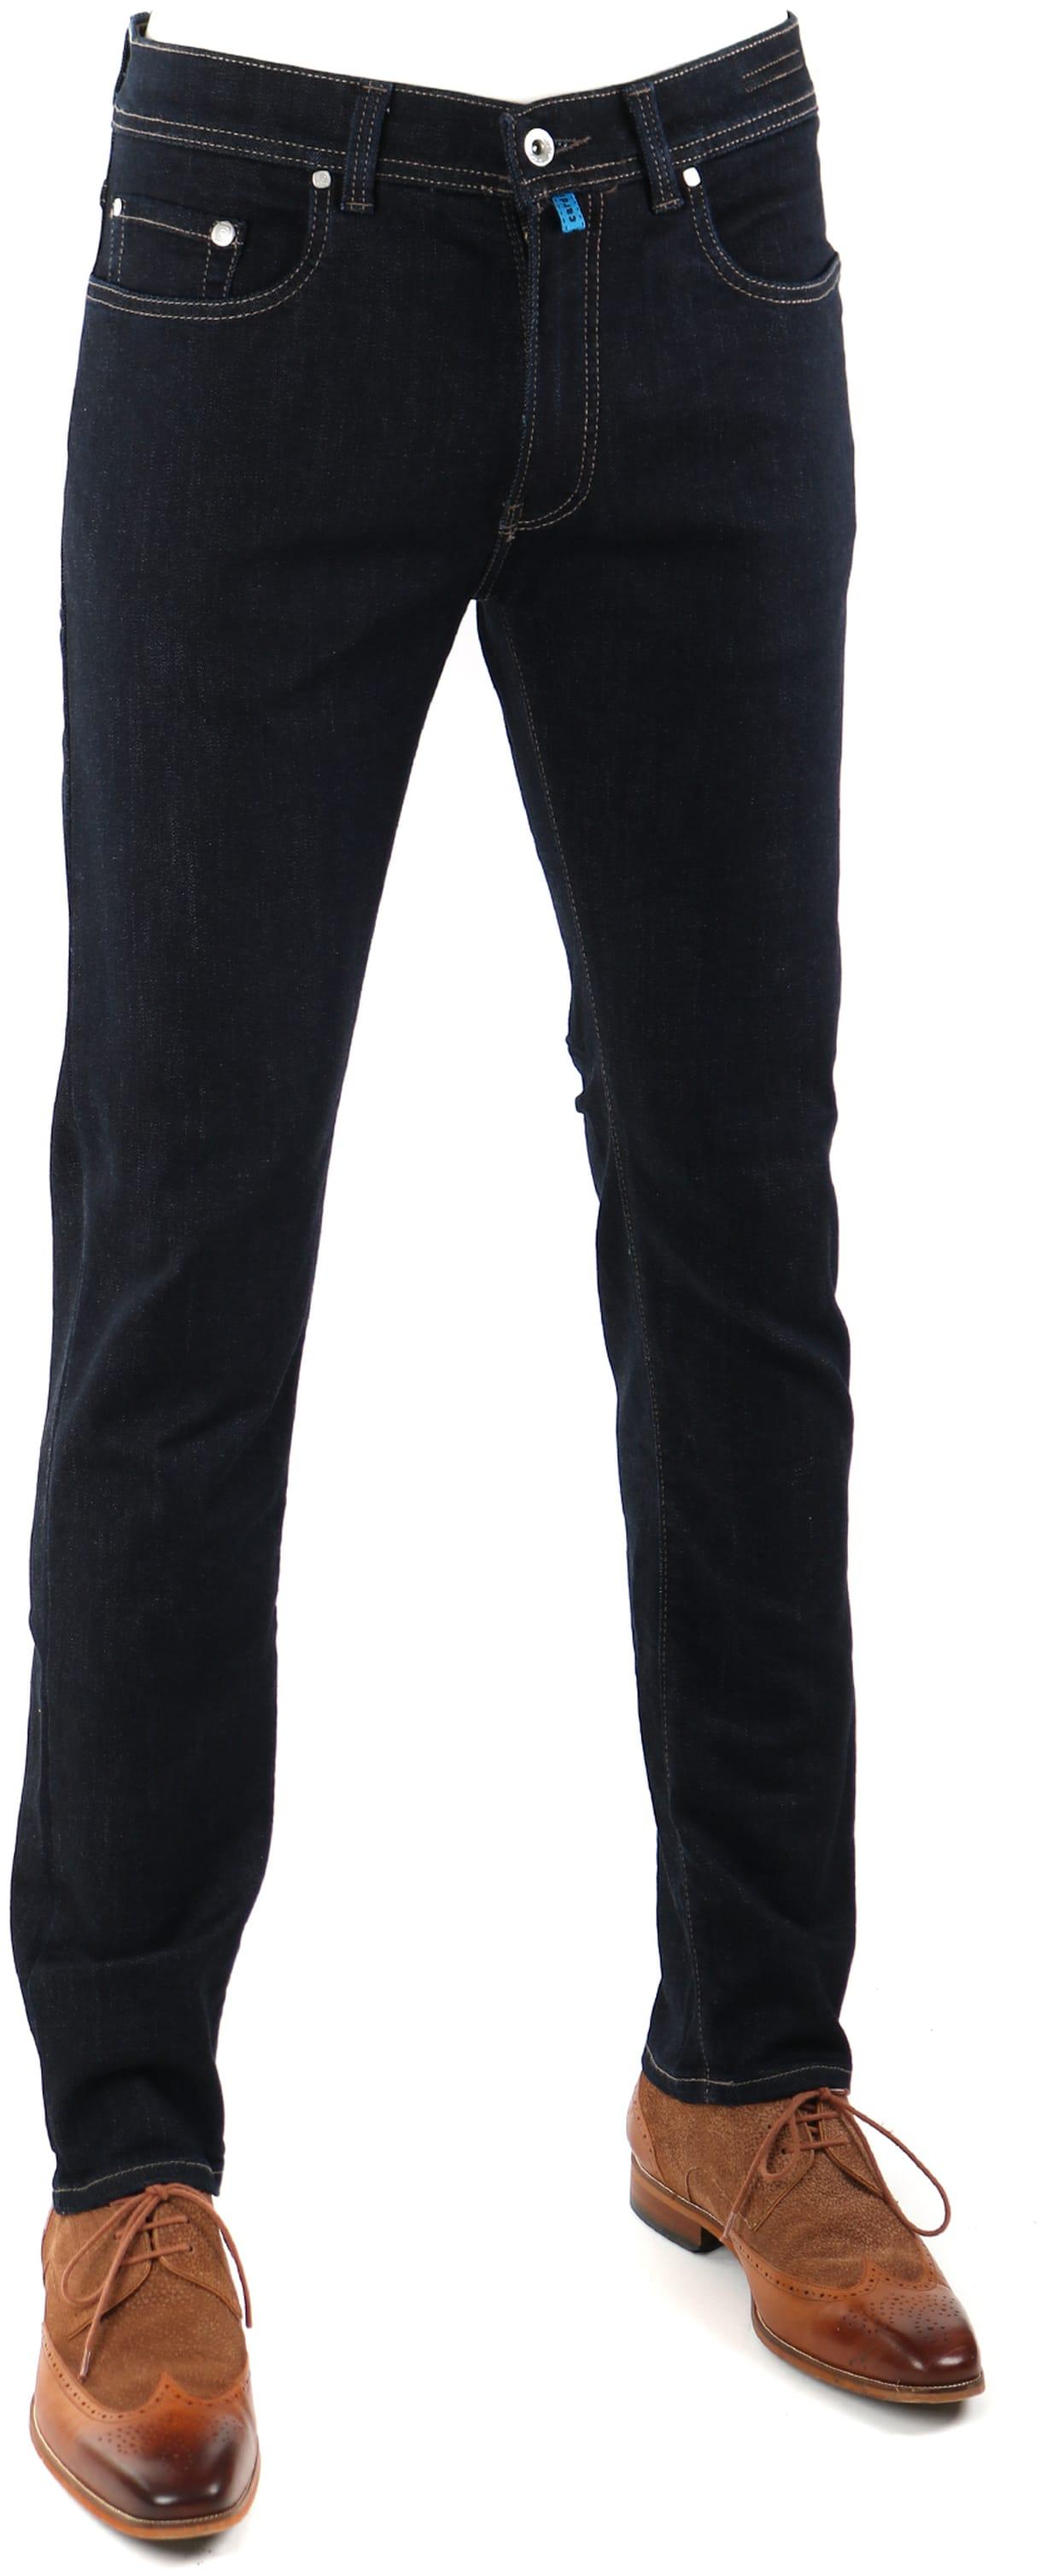 Pierre Cardin Lyon Jeans Future Flex 04 foto 0